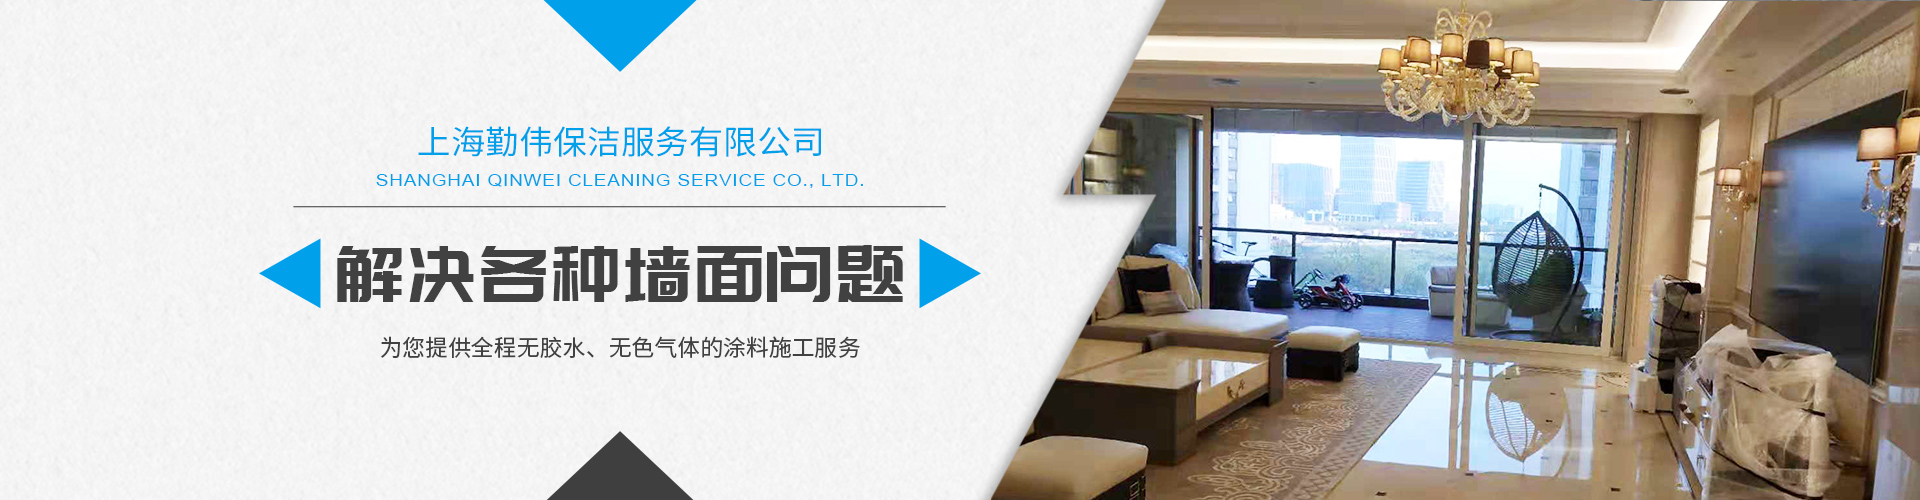 上海勤伟保洁服务有限公司